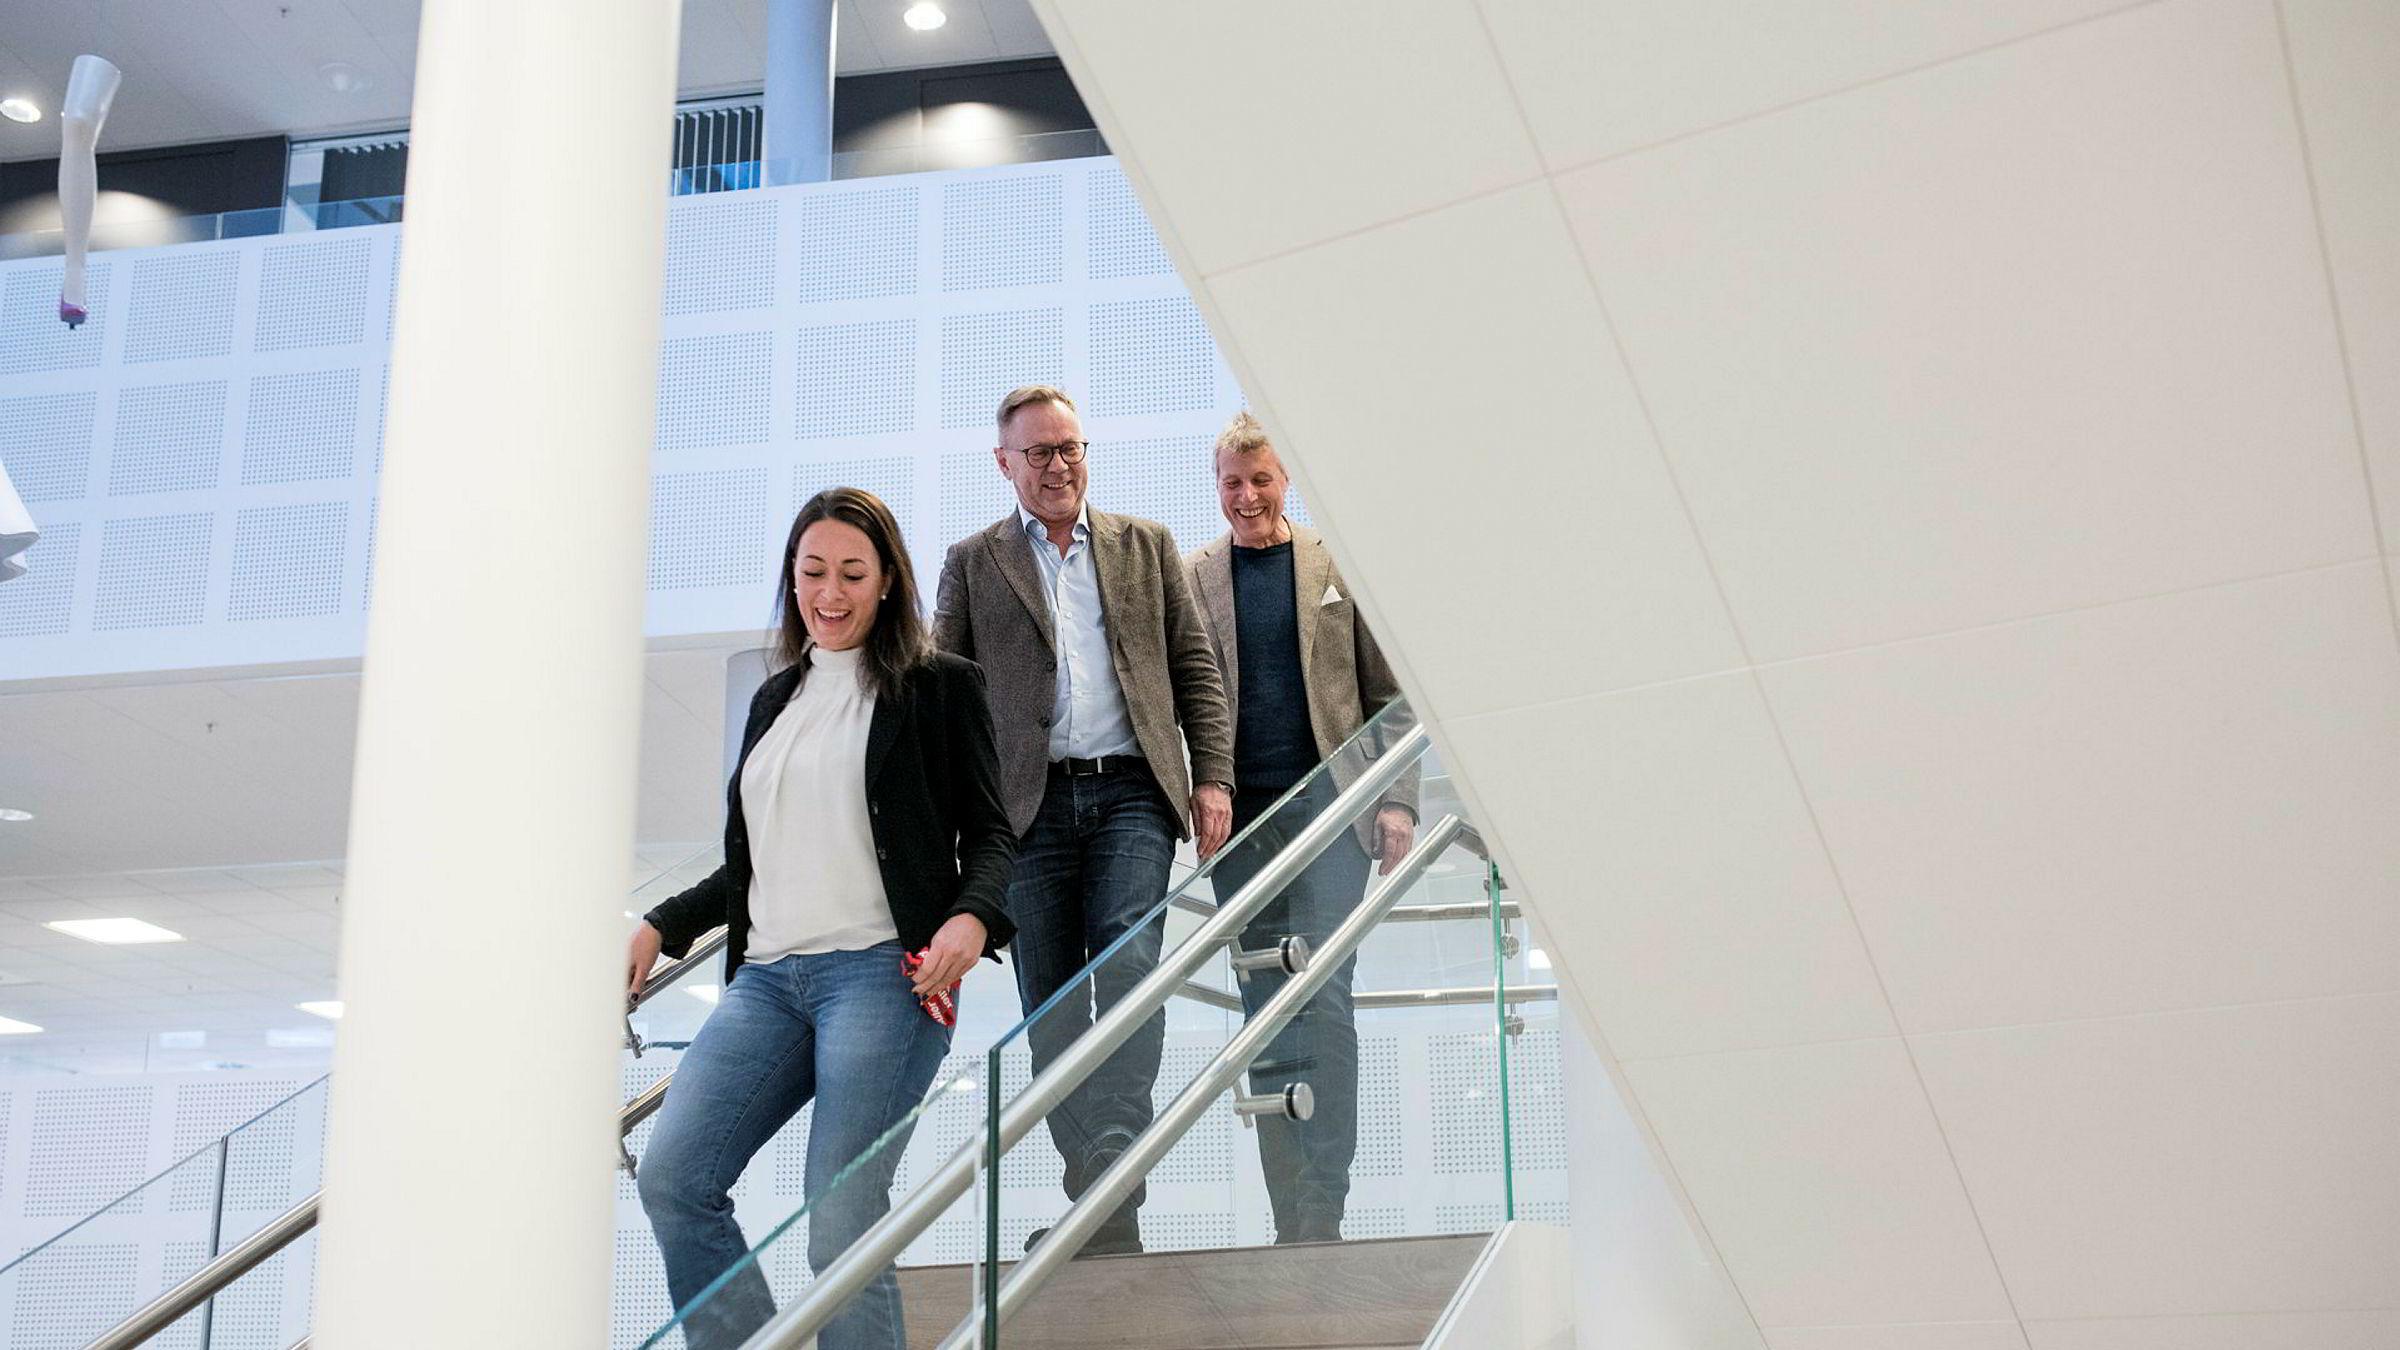 Økonomidirektør i Aller Anette Nordskog (fra venstre), sjefredaktør i Dagbladet John Arne Markussen og konsernsjef i Aller Dag Sørsdahl. Markussen er blitt daglig leder i Dagbladet Pluss as, mens Sørsdahl og Nordskog sitter i styret.